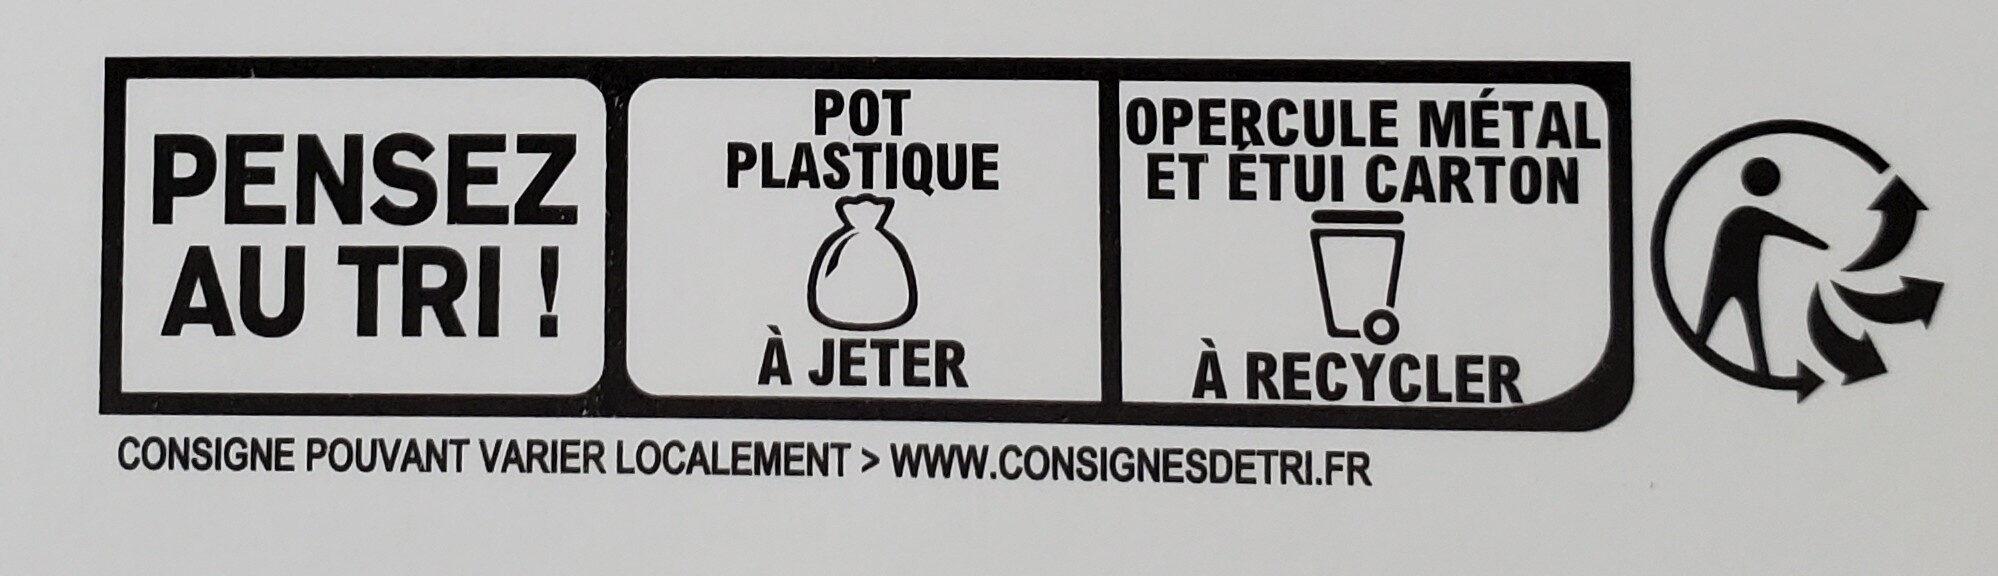 Tarte au citron meringuée - Instruction de recyclage et/ou informations d'emballage - fr